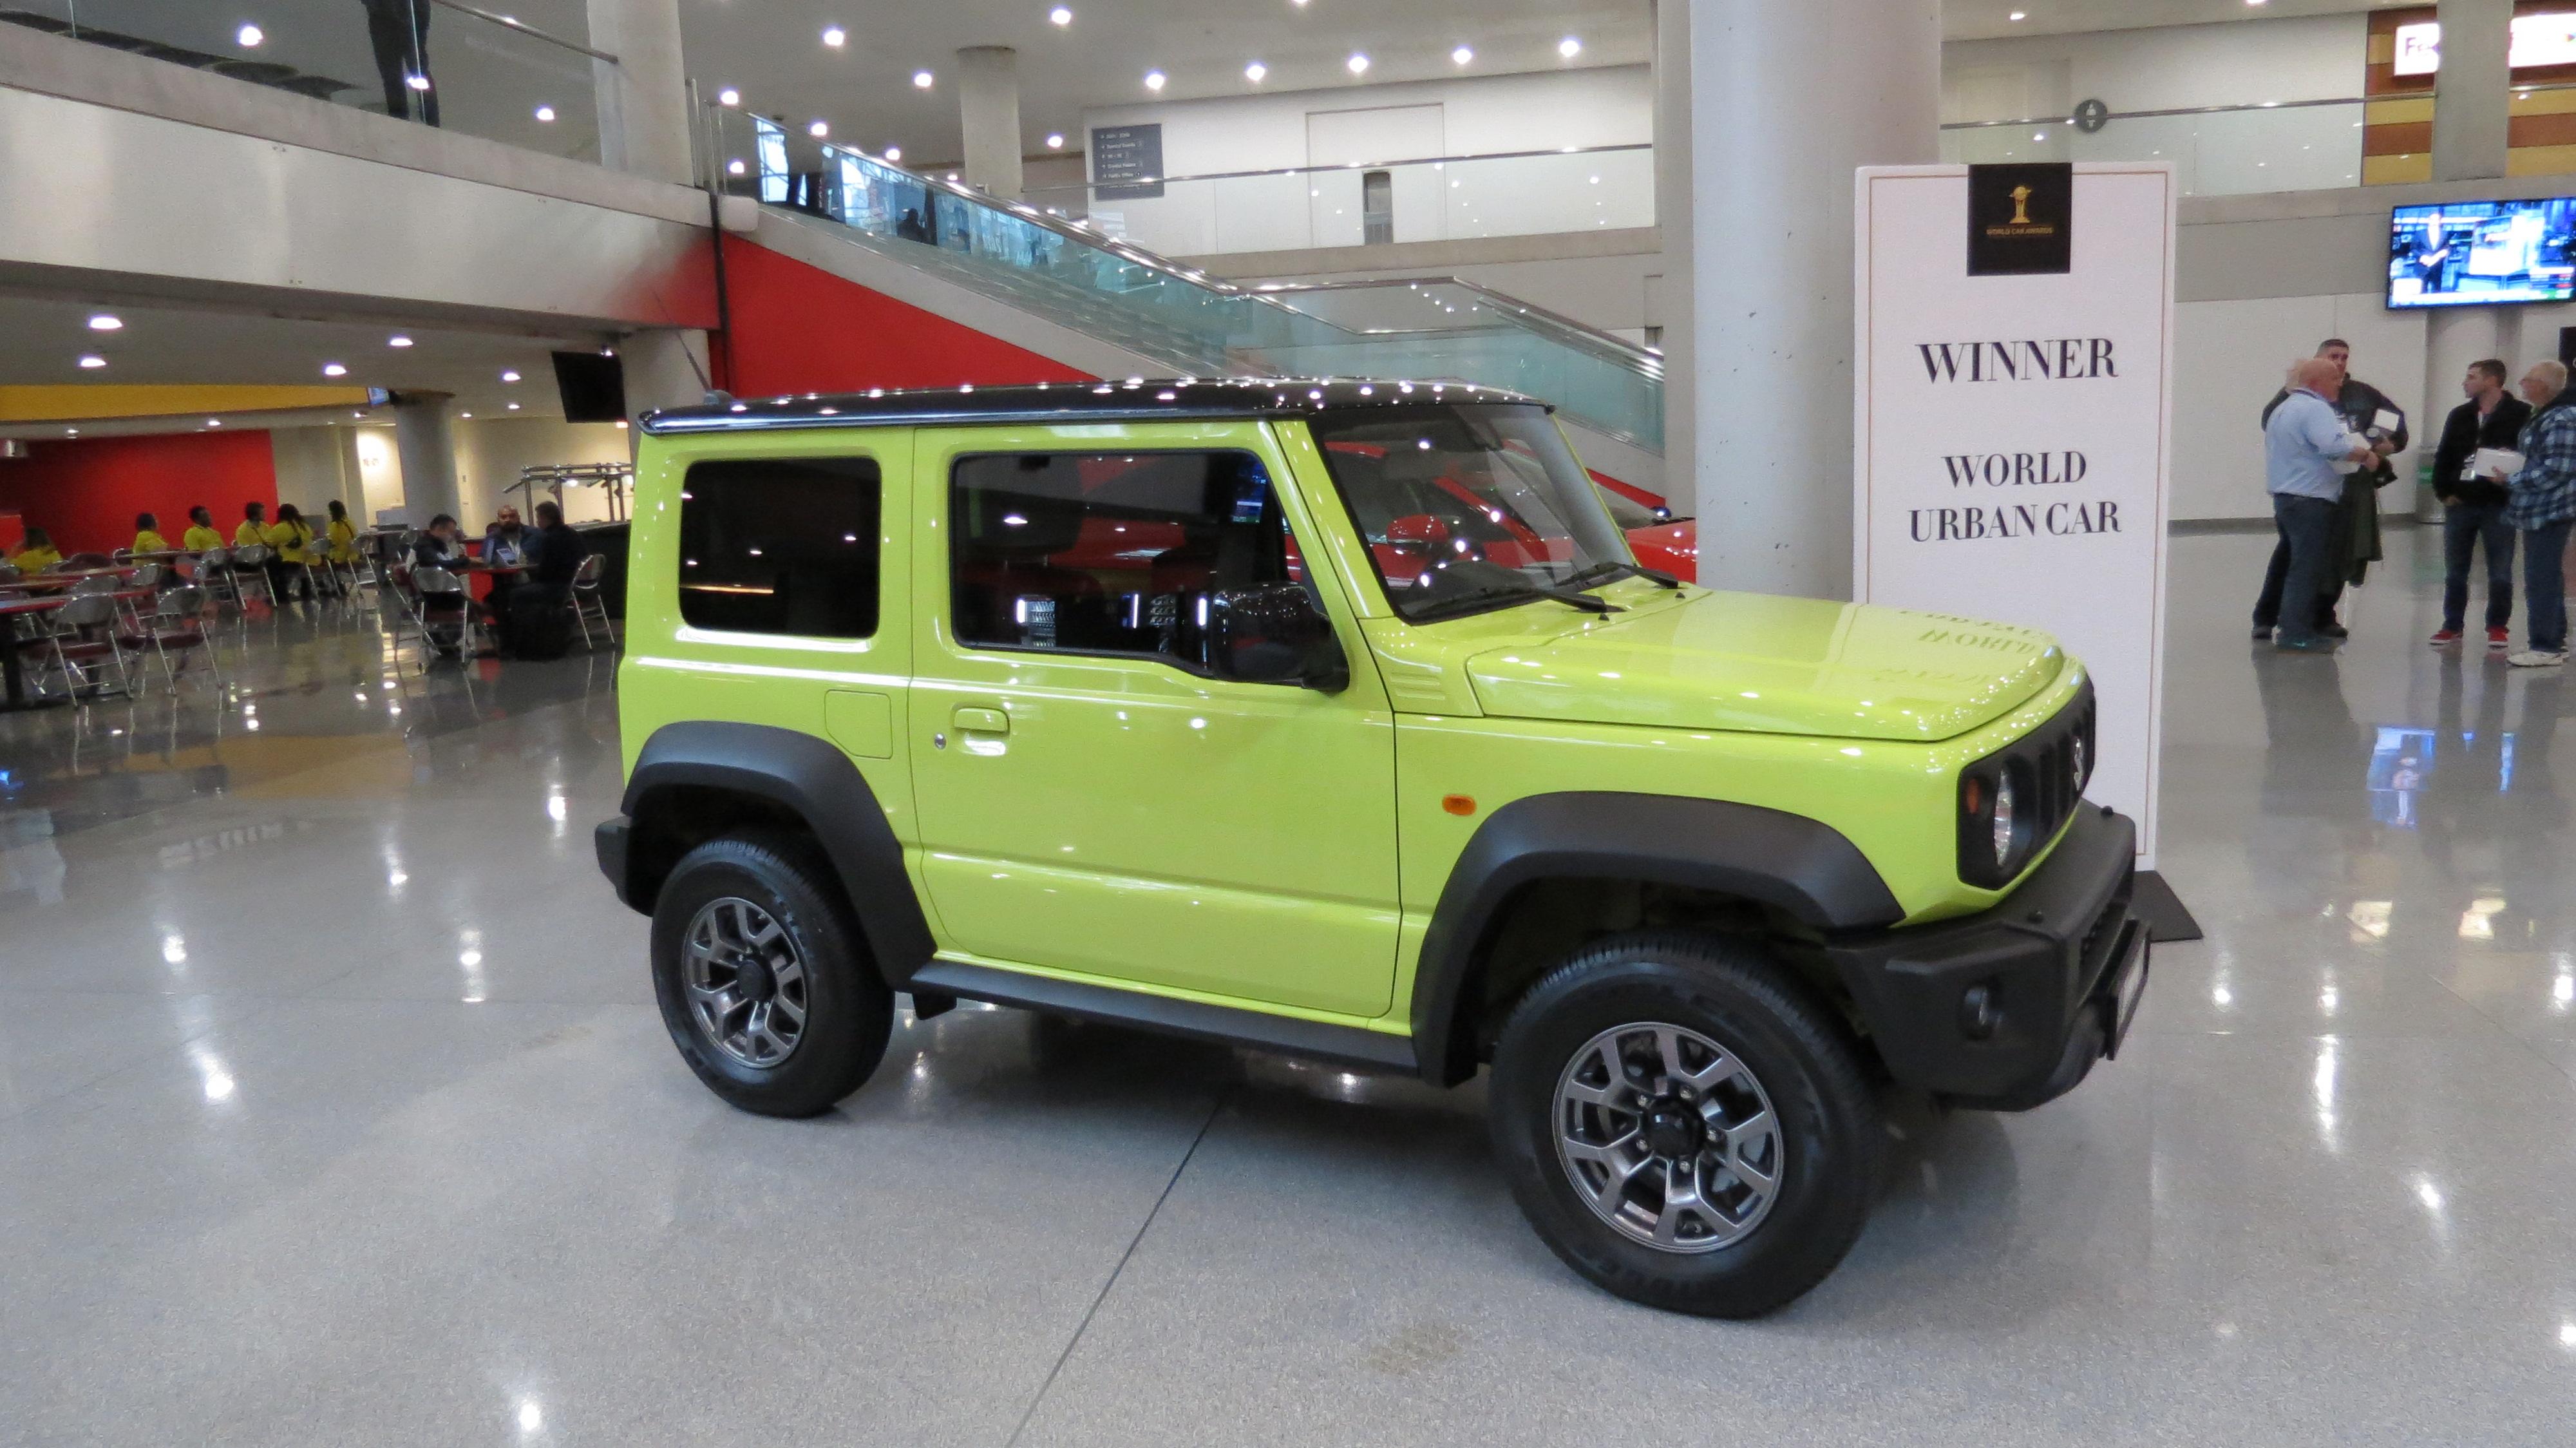 2019 World Urban Car Award Winner the Suzuki Jimny